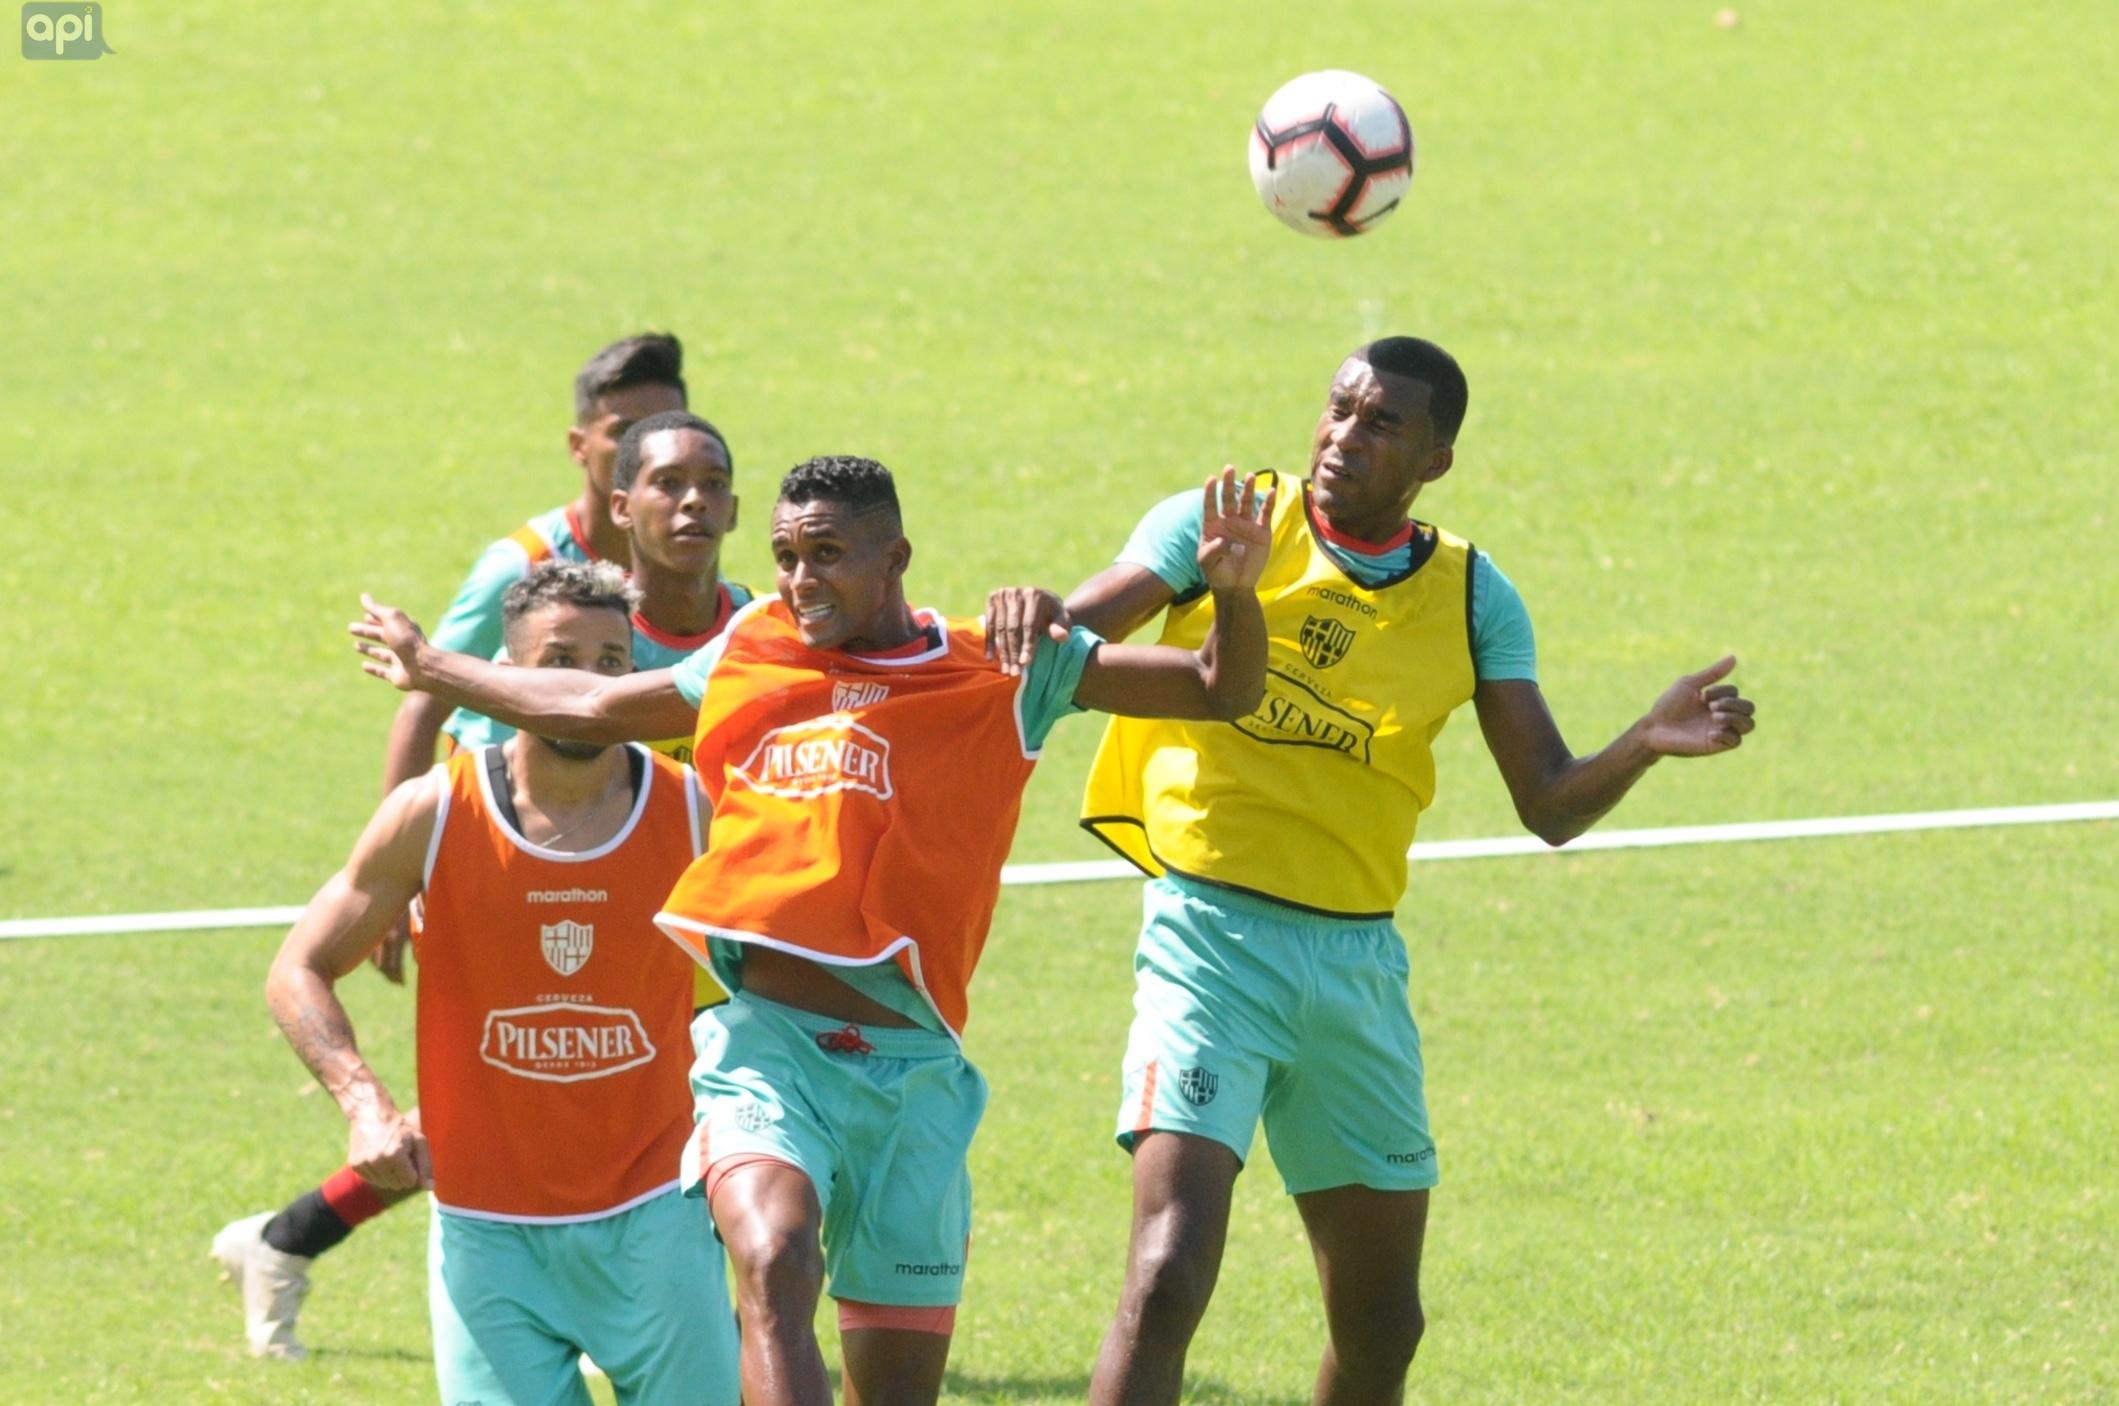 Resultado de imagen para BARCELONA SC copa ecuador